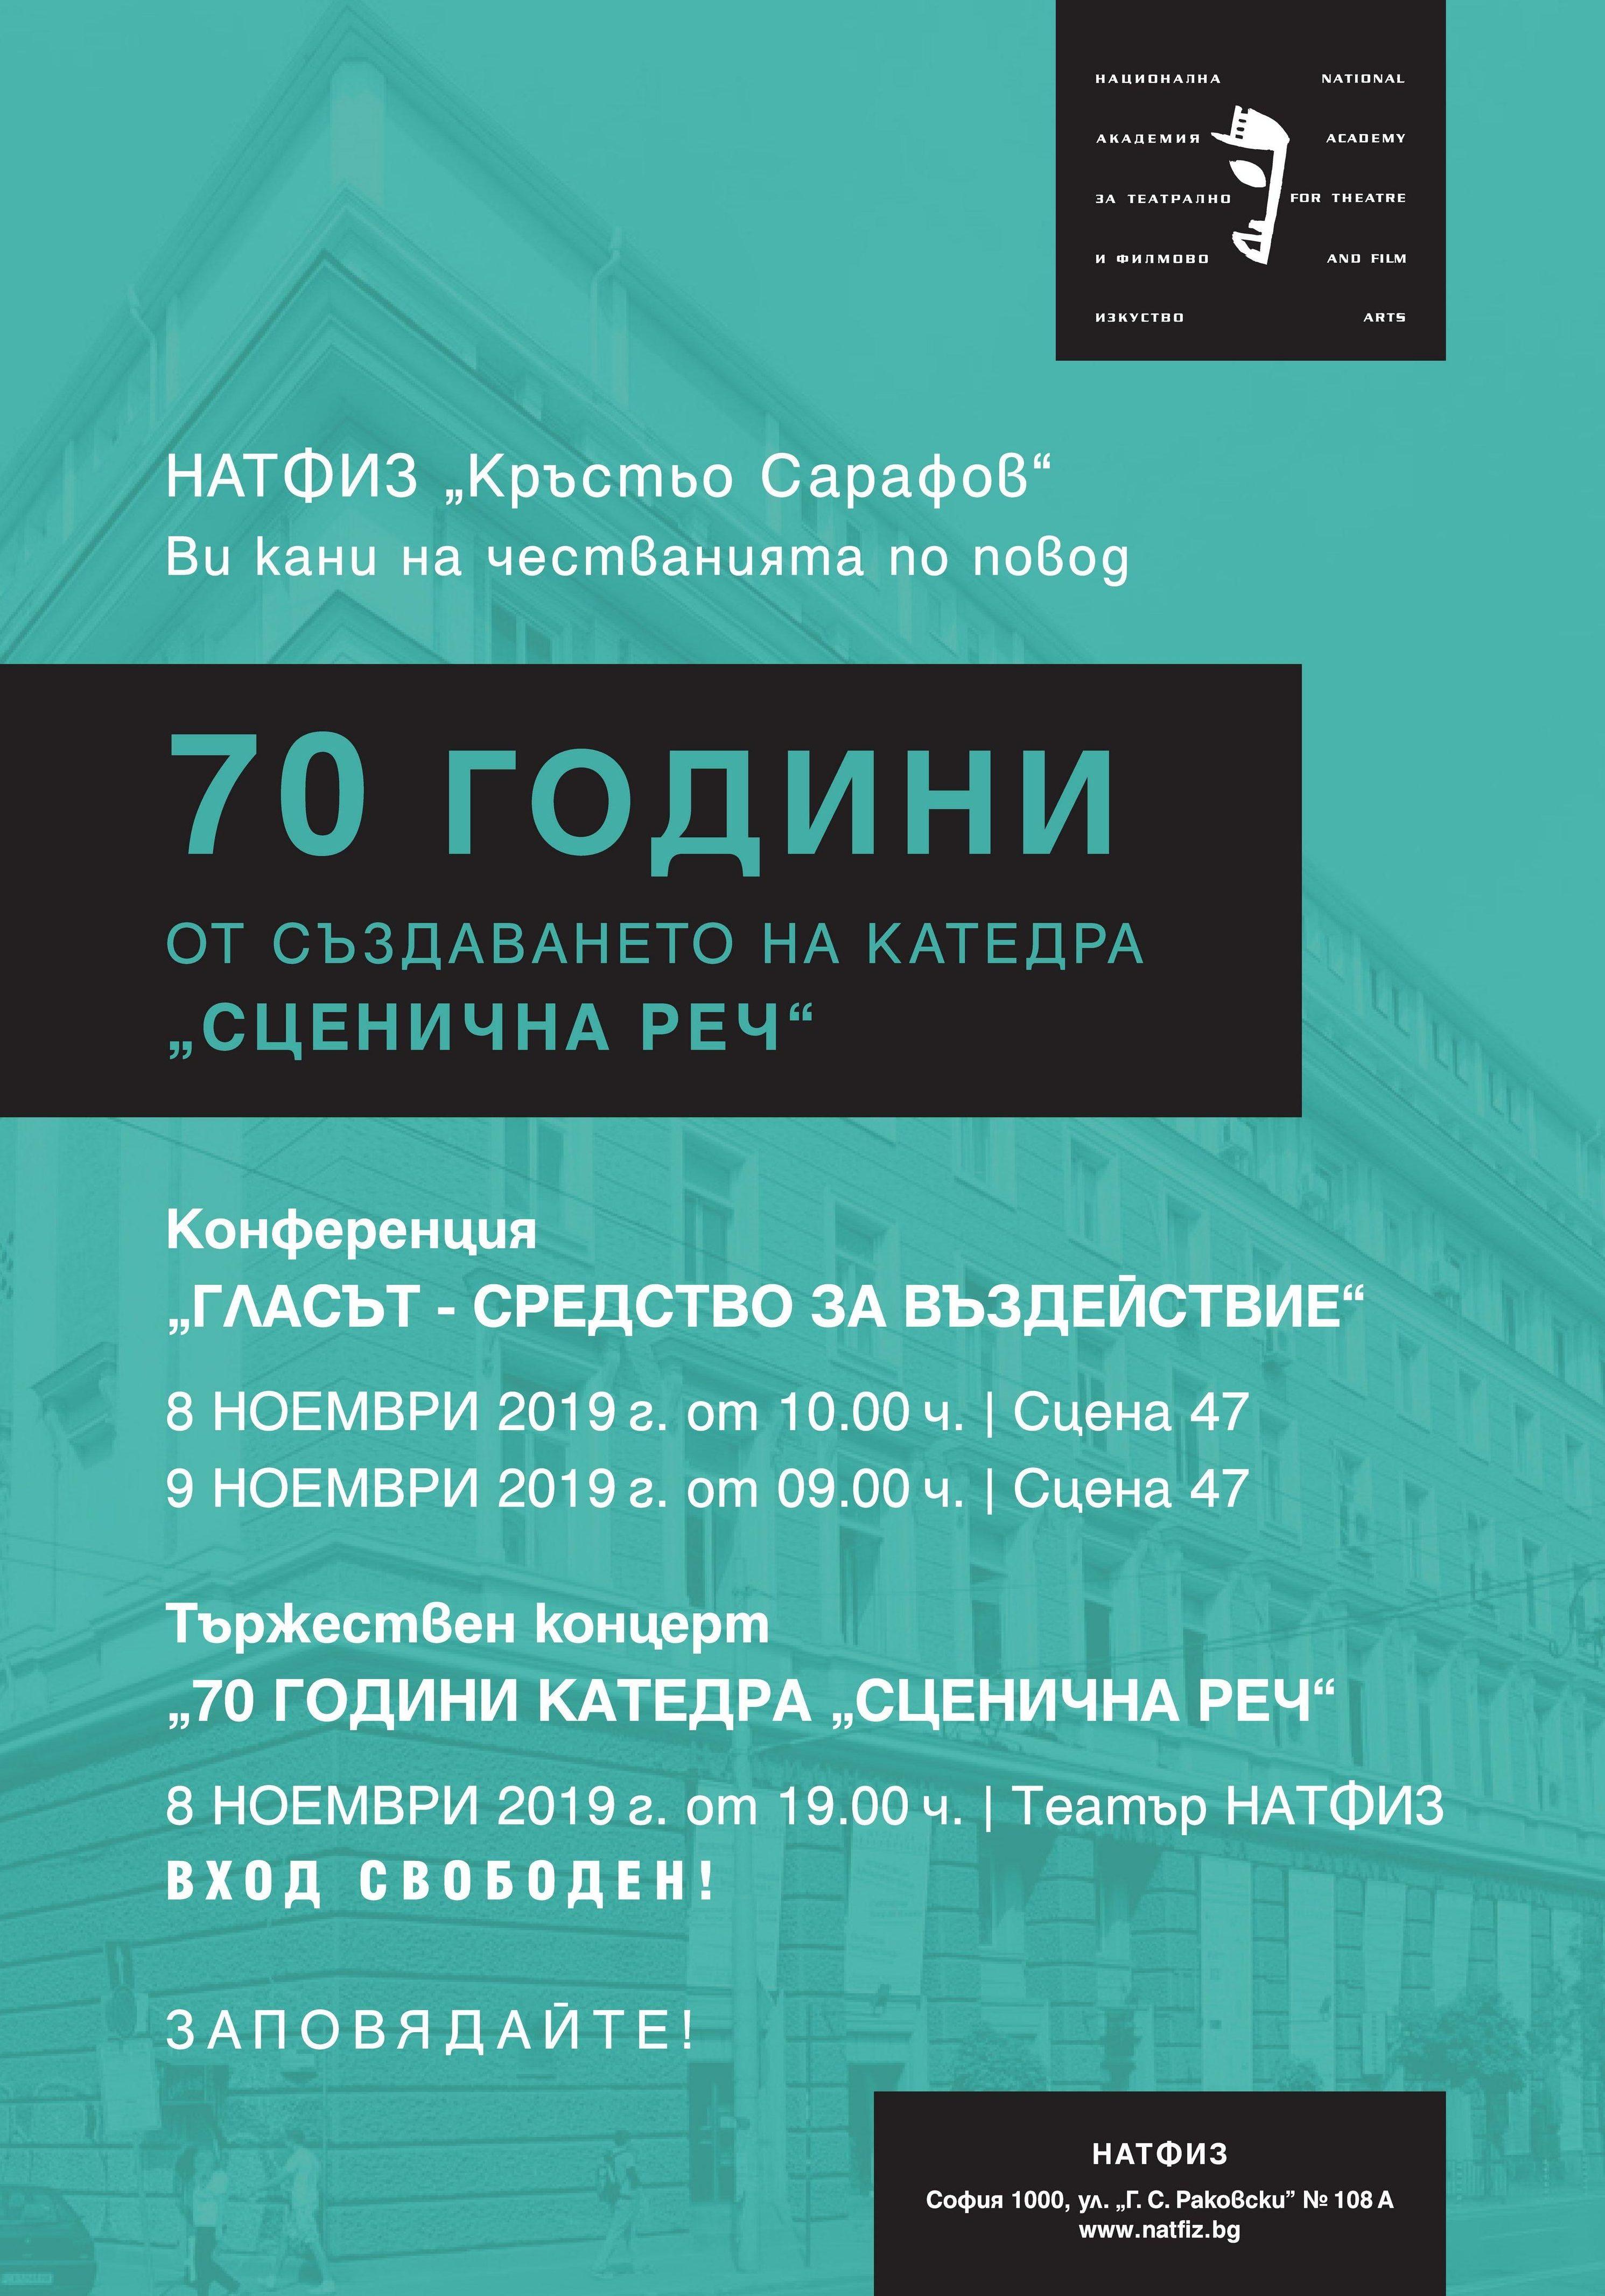 """70 ГОДИНИ КАТЕДРА """"СЦЕНИЧНА РЕЧ"""""""